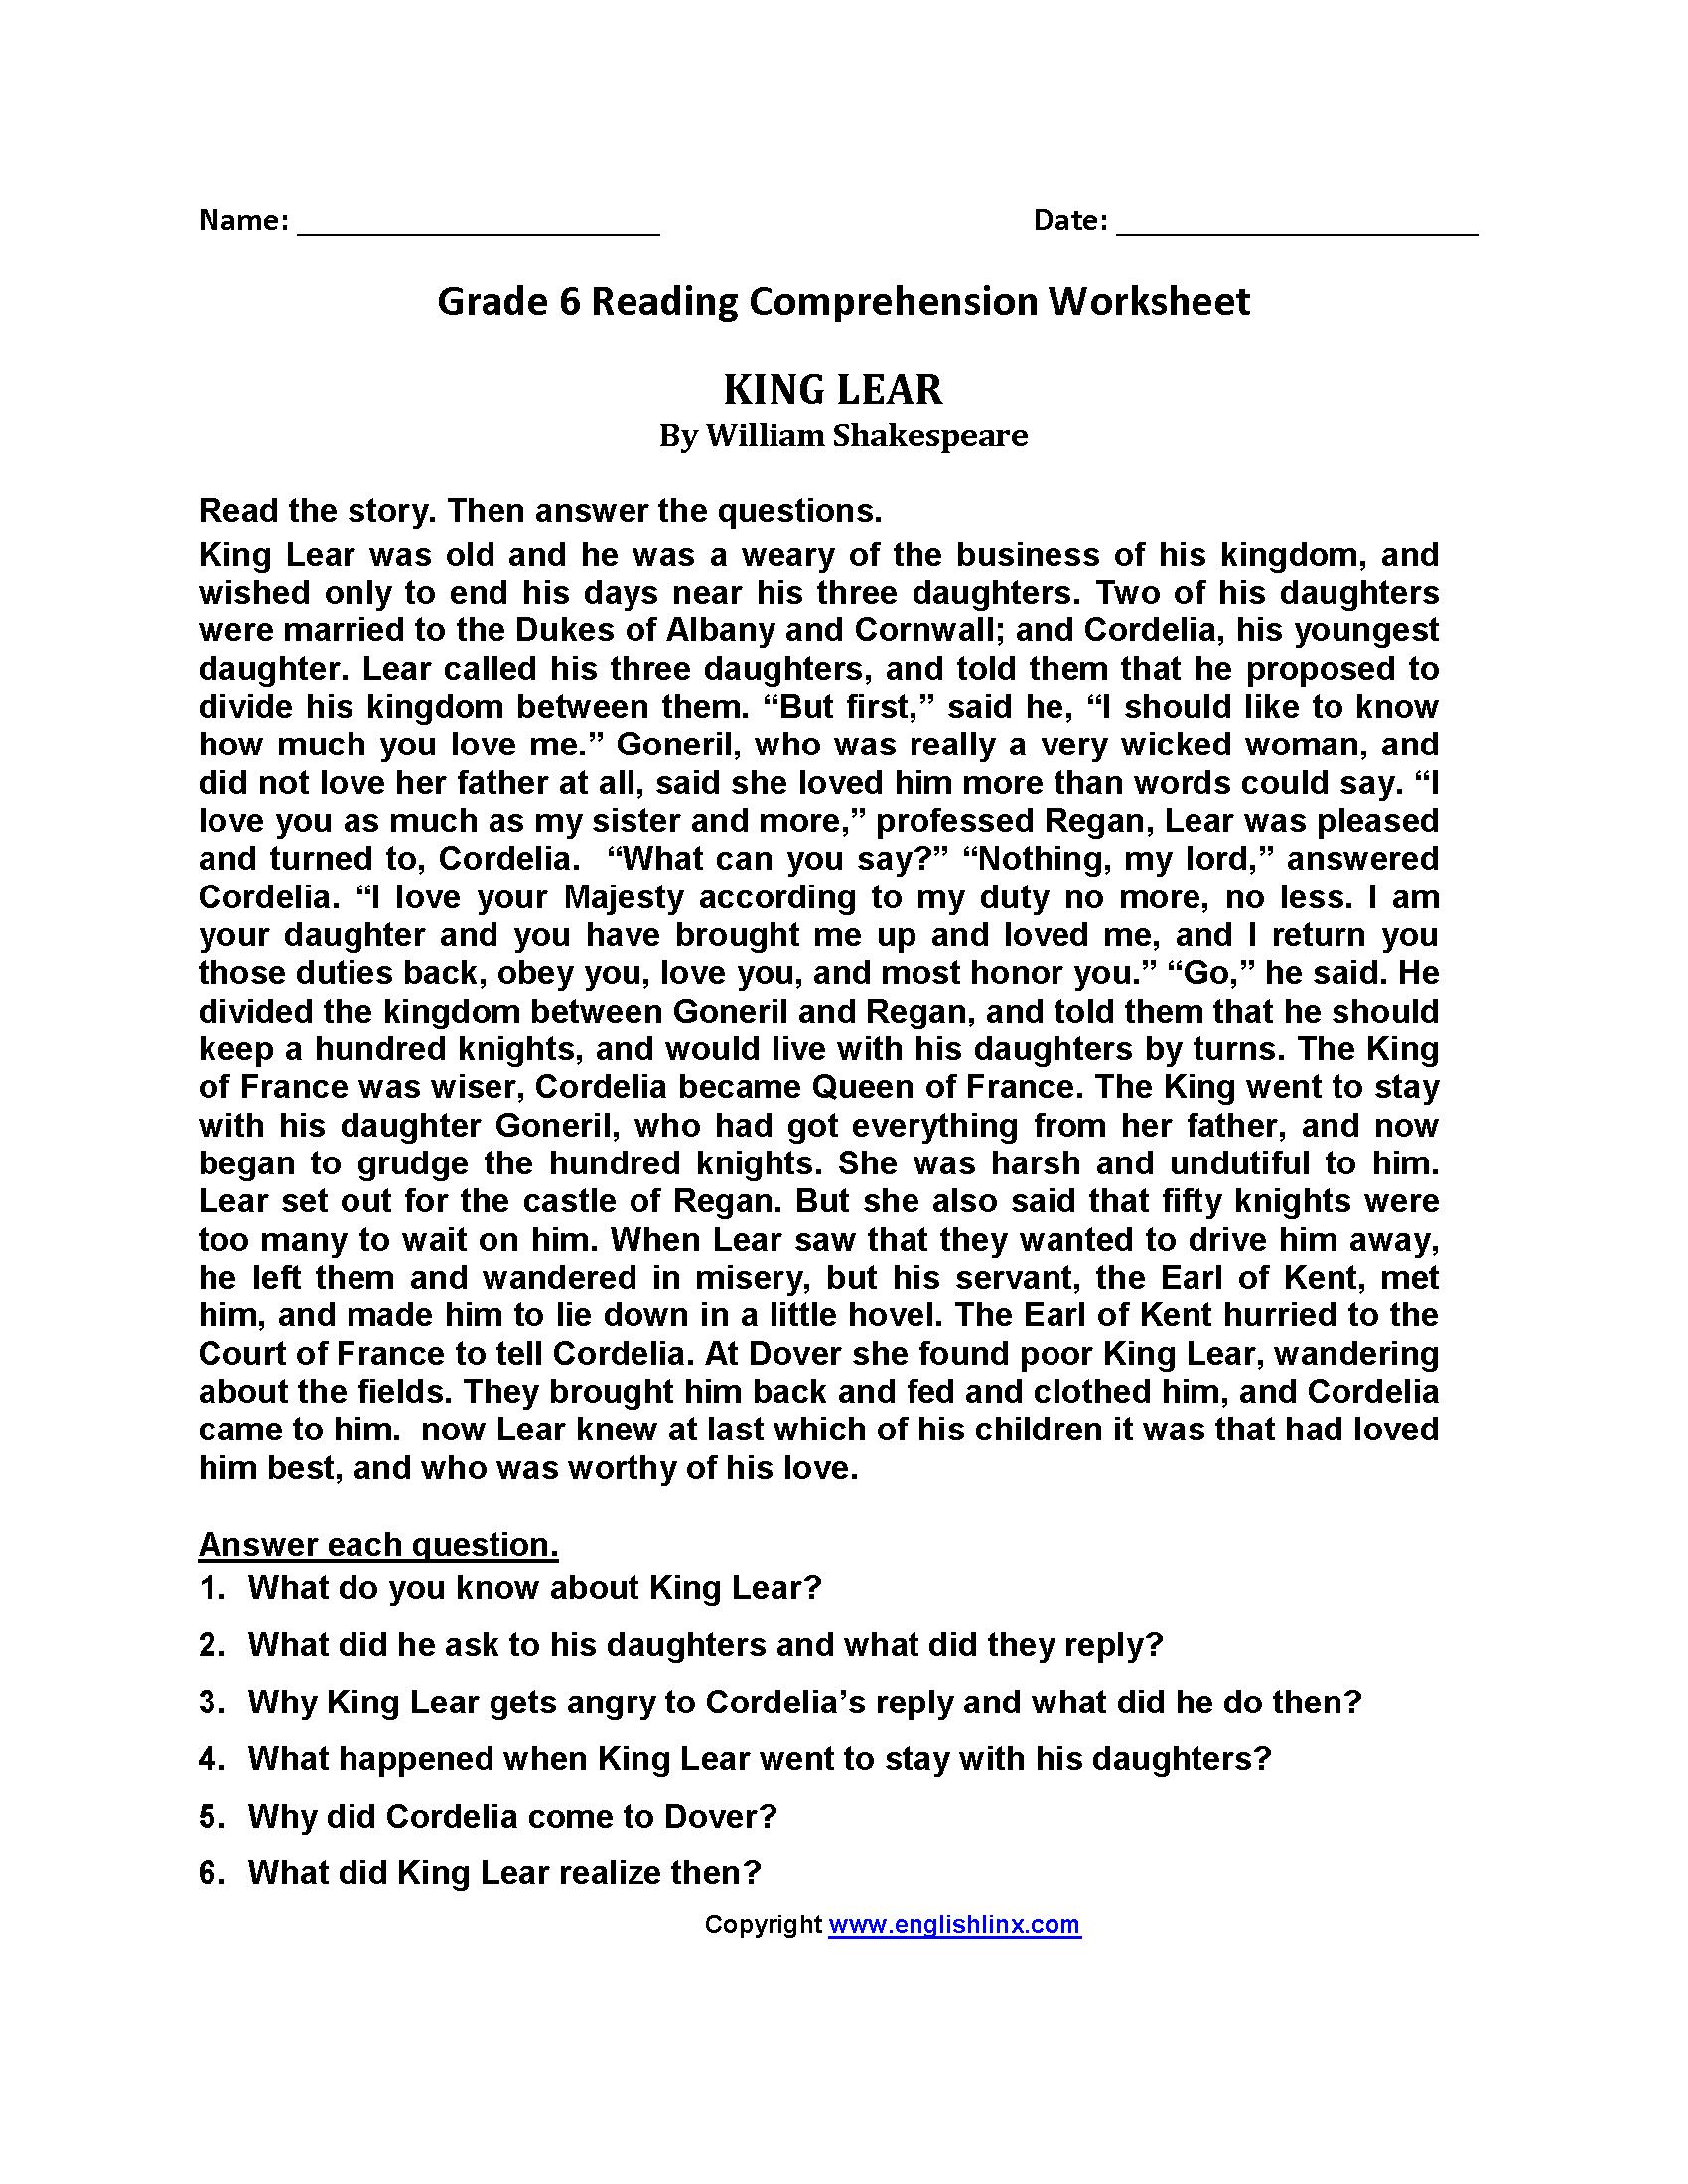 Printable Comprehension Worksheets For Grade 6